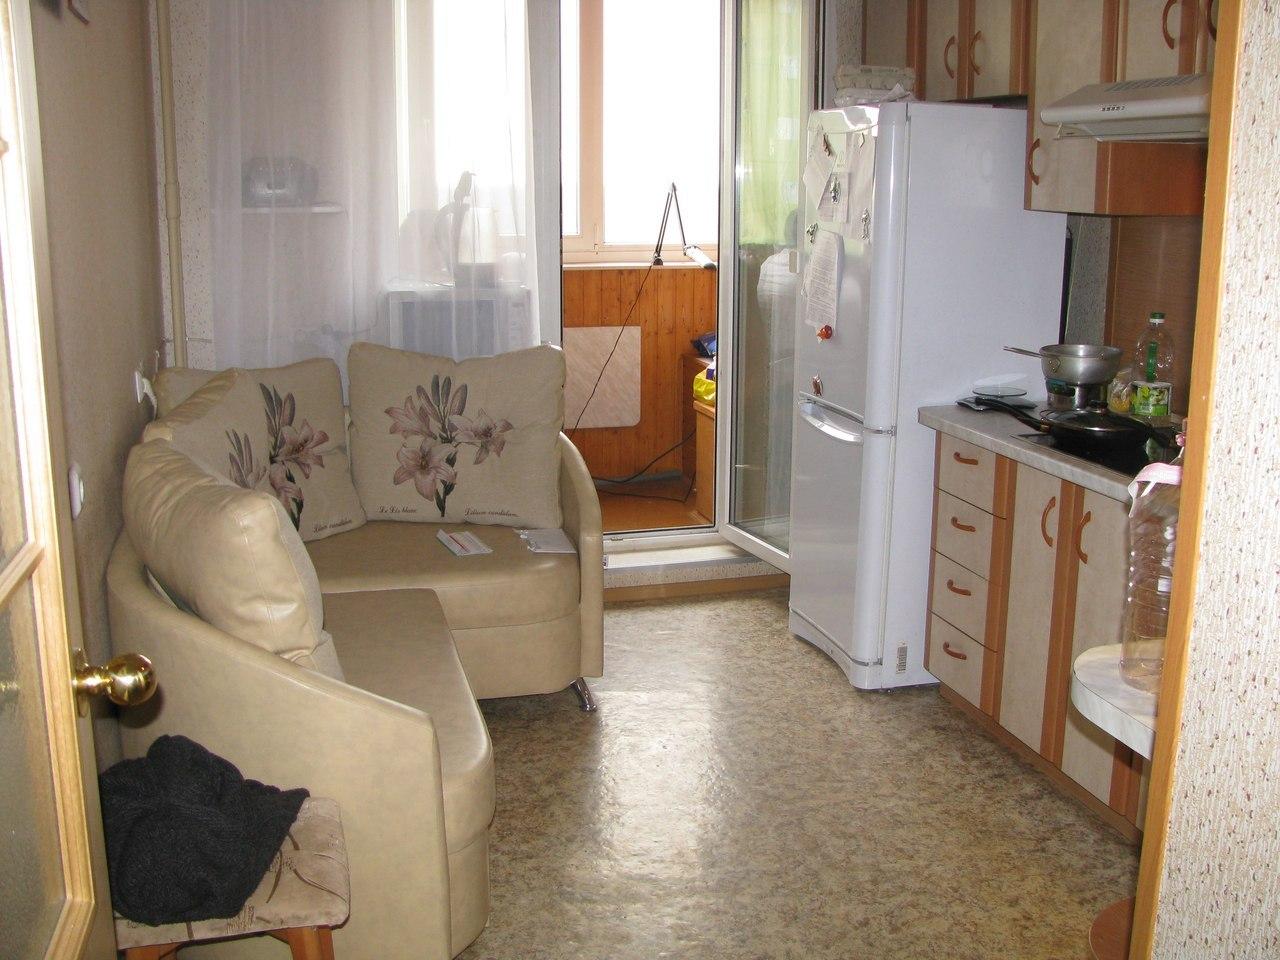 Дизайн кухни 11 квм с угловым диваном.